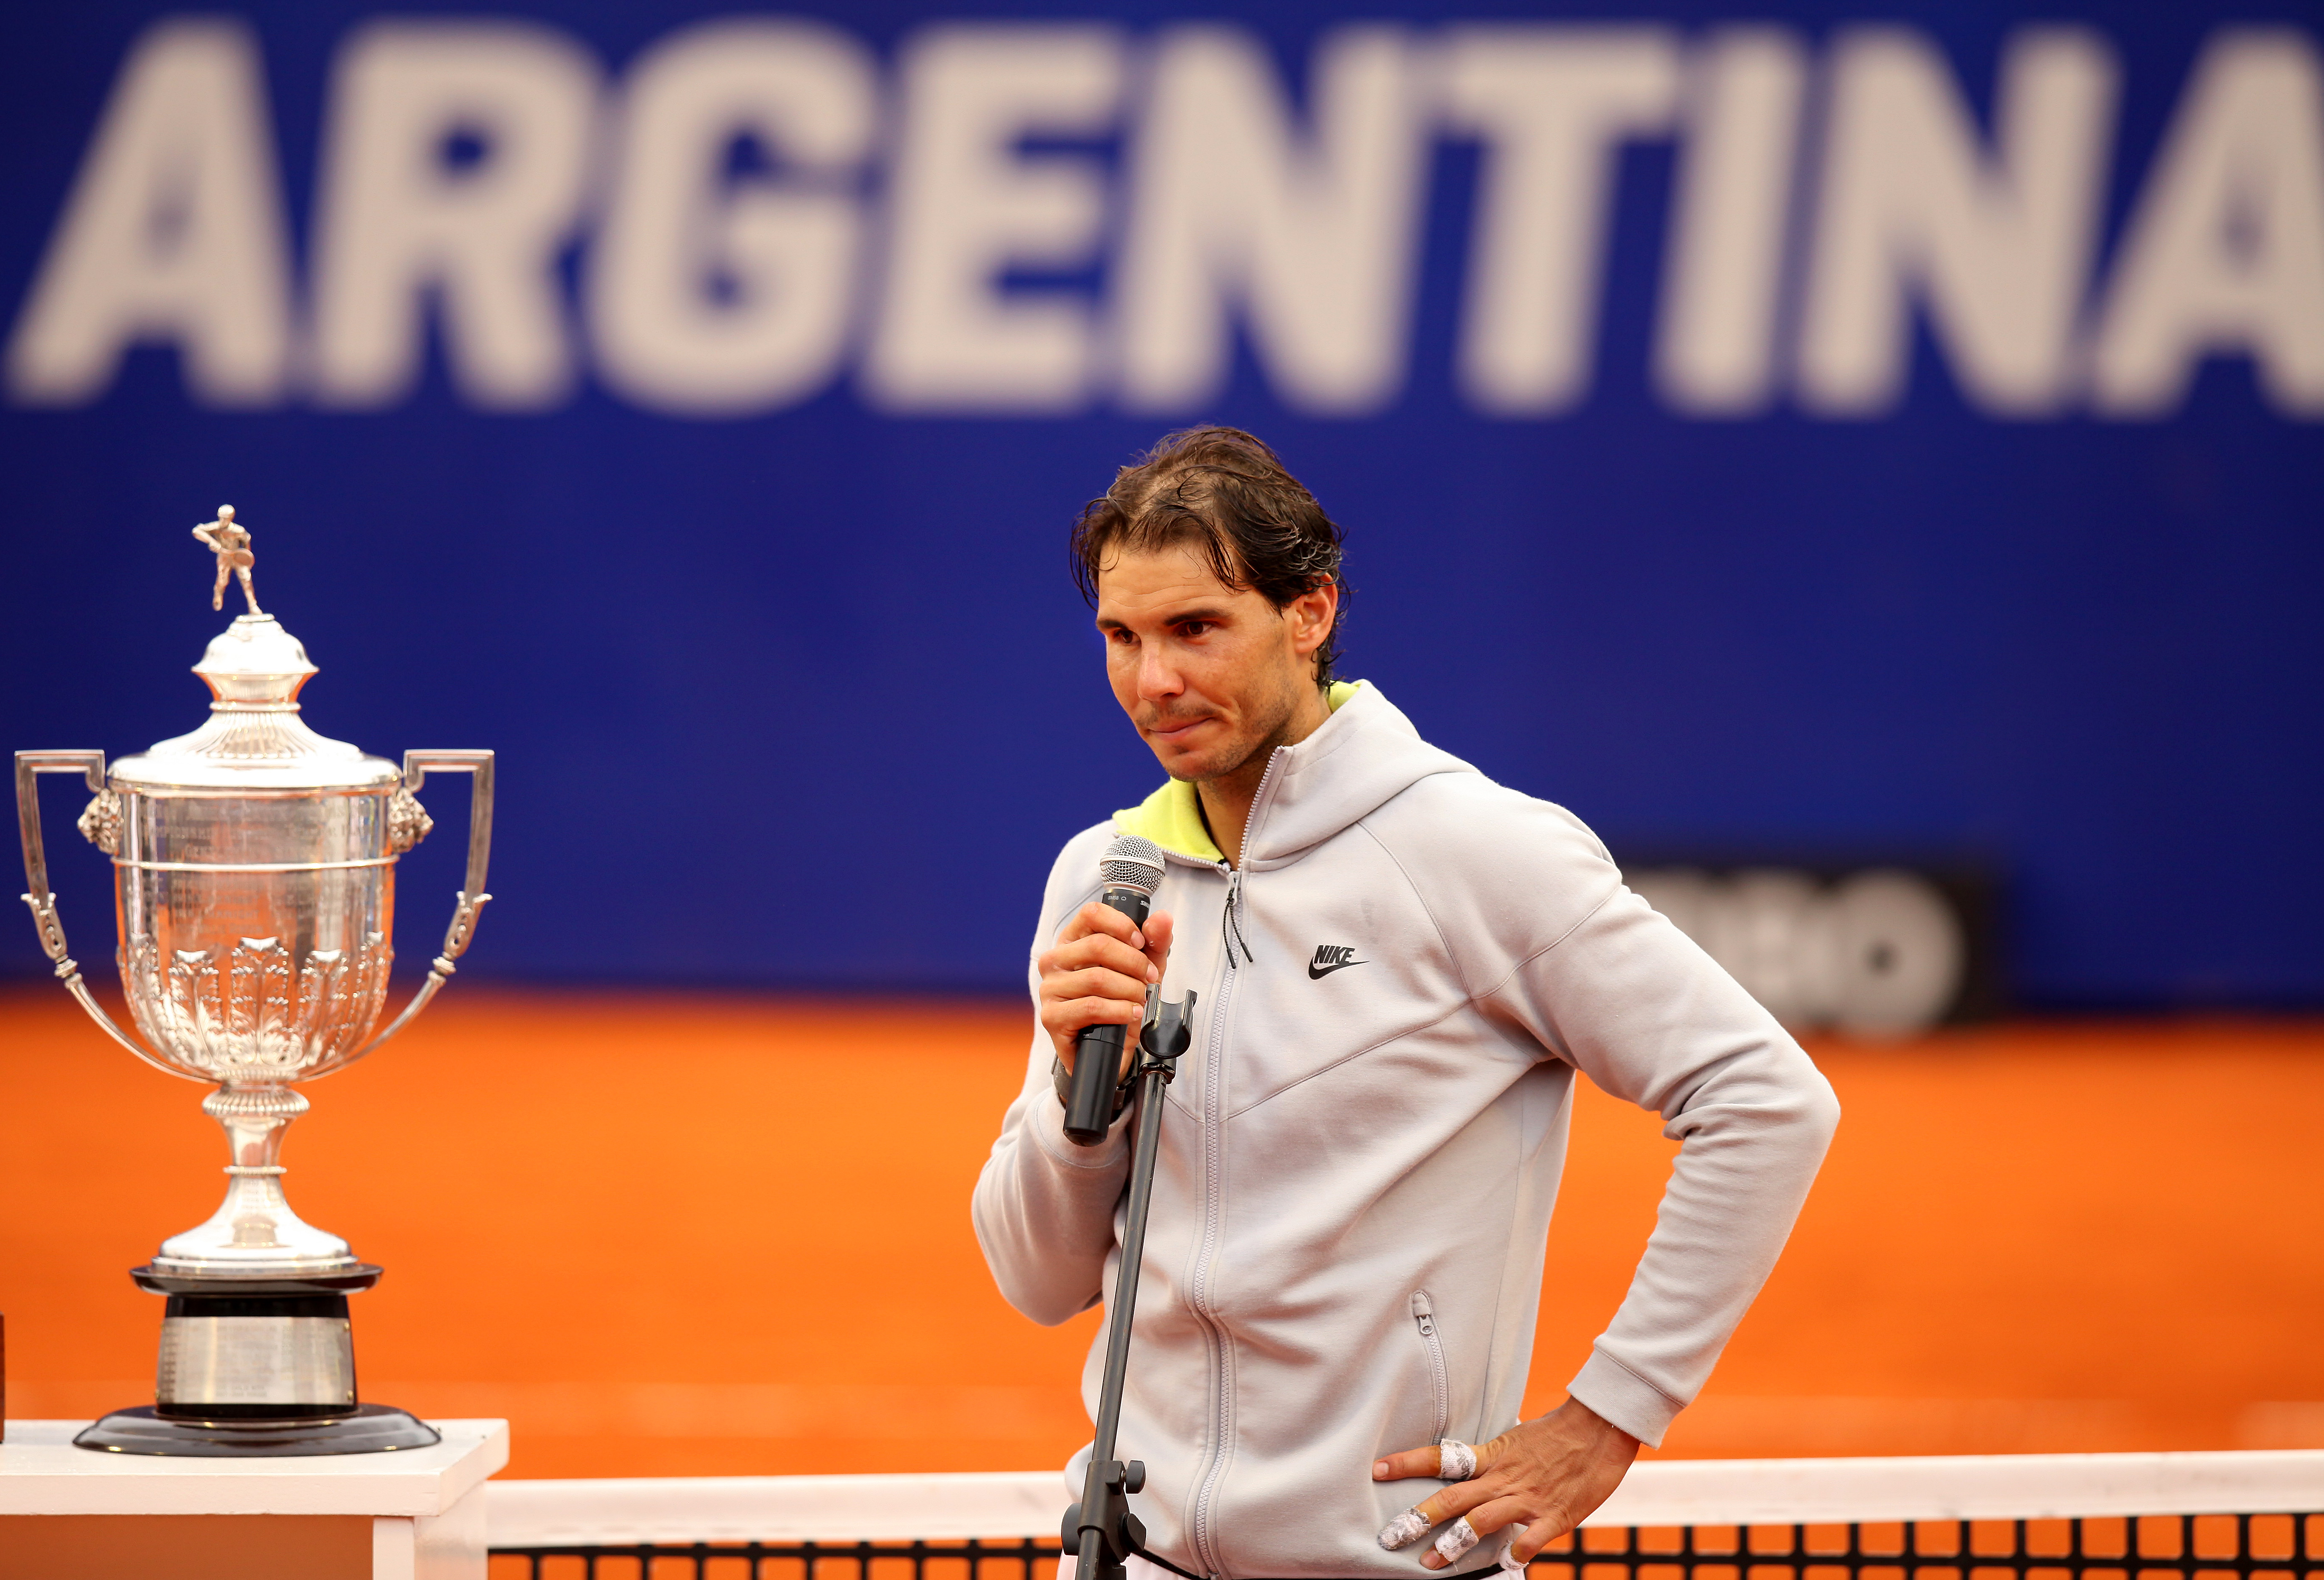 Foto: Prensa Argentina Open/Sergio Llamera